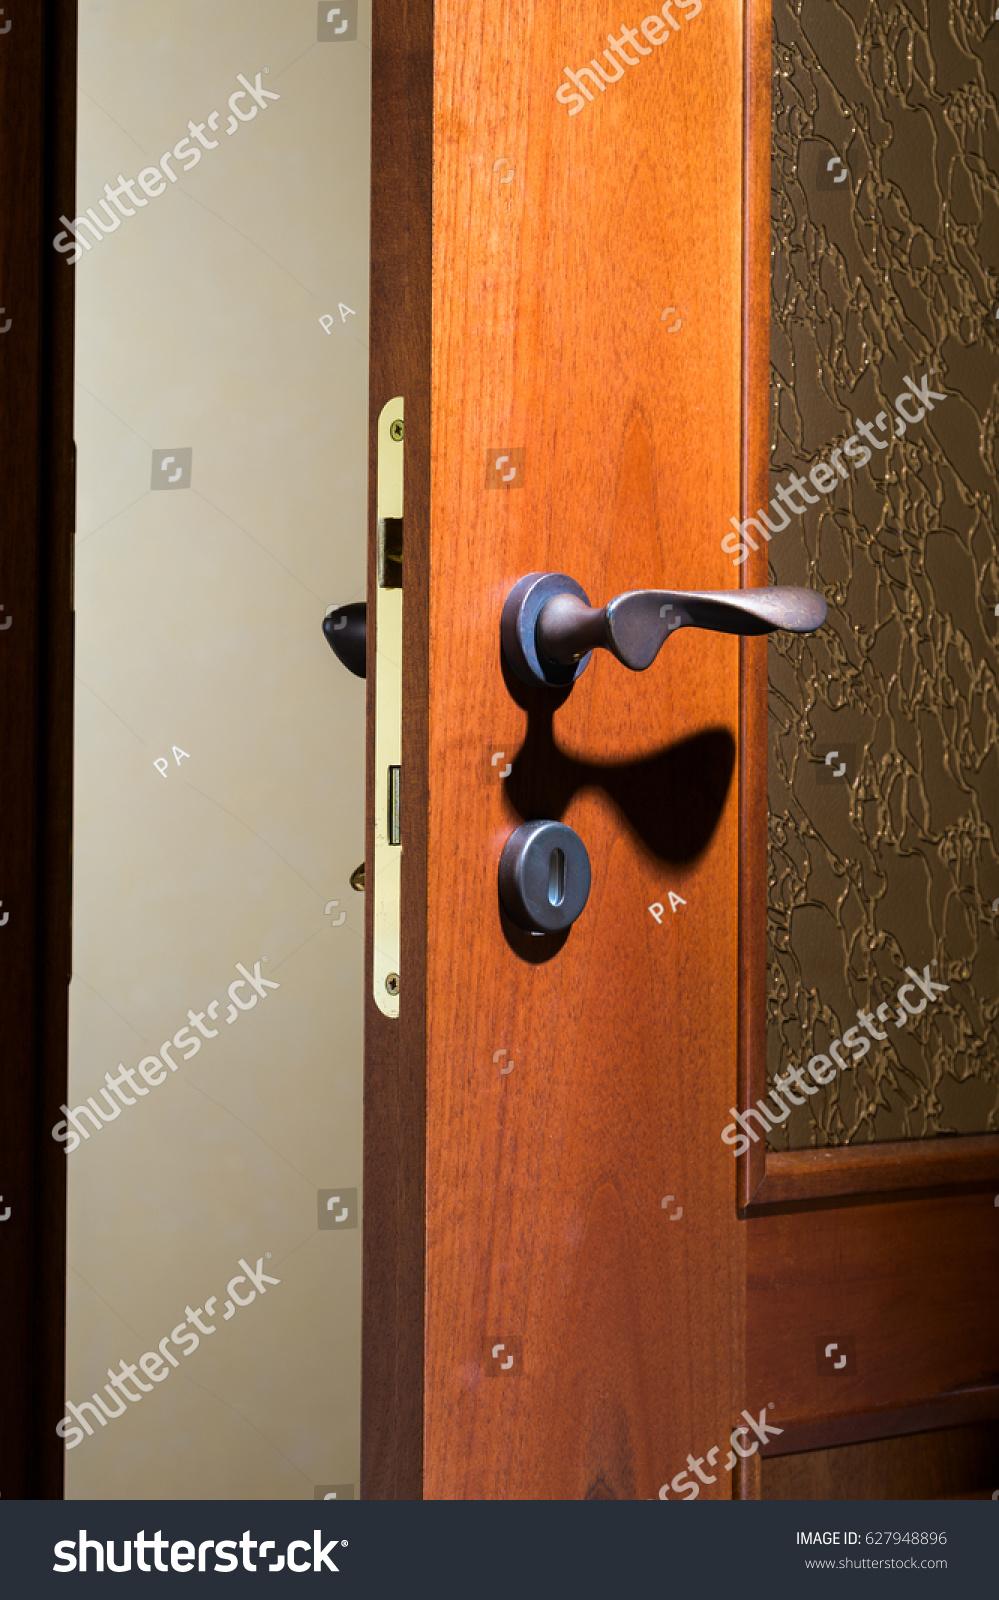 Wooden Door Lock Handle Interior Buildings Landmarks